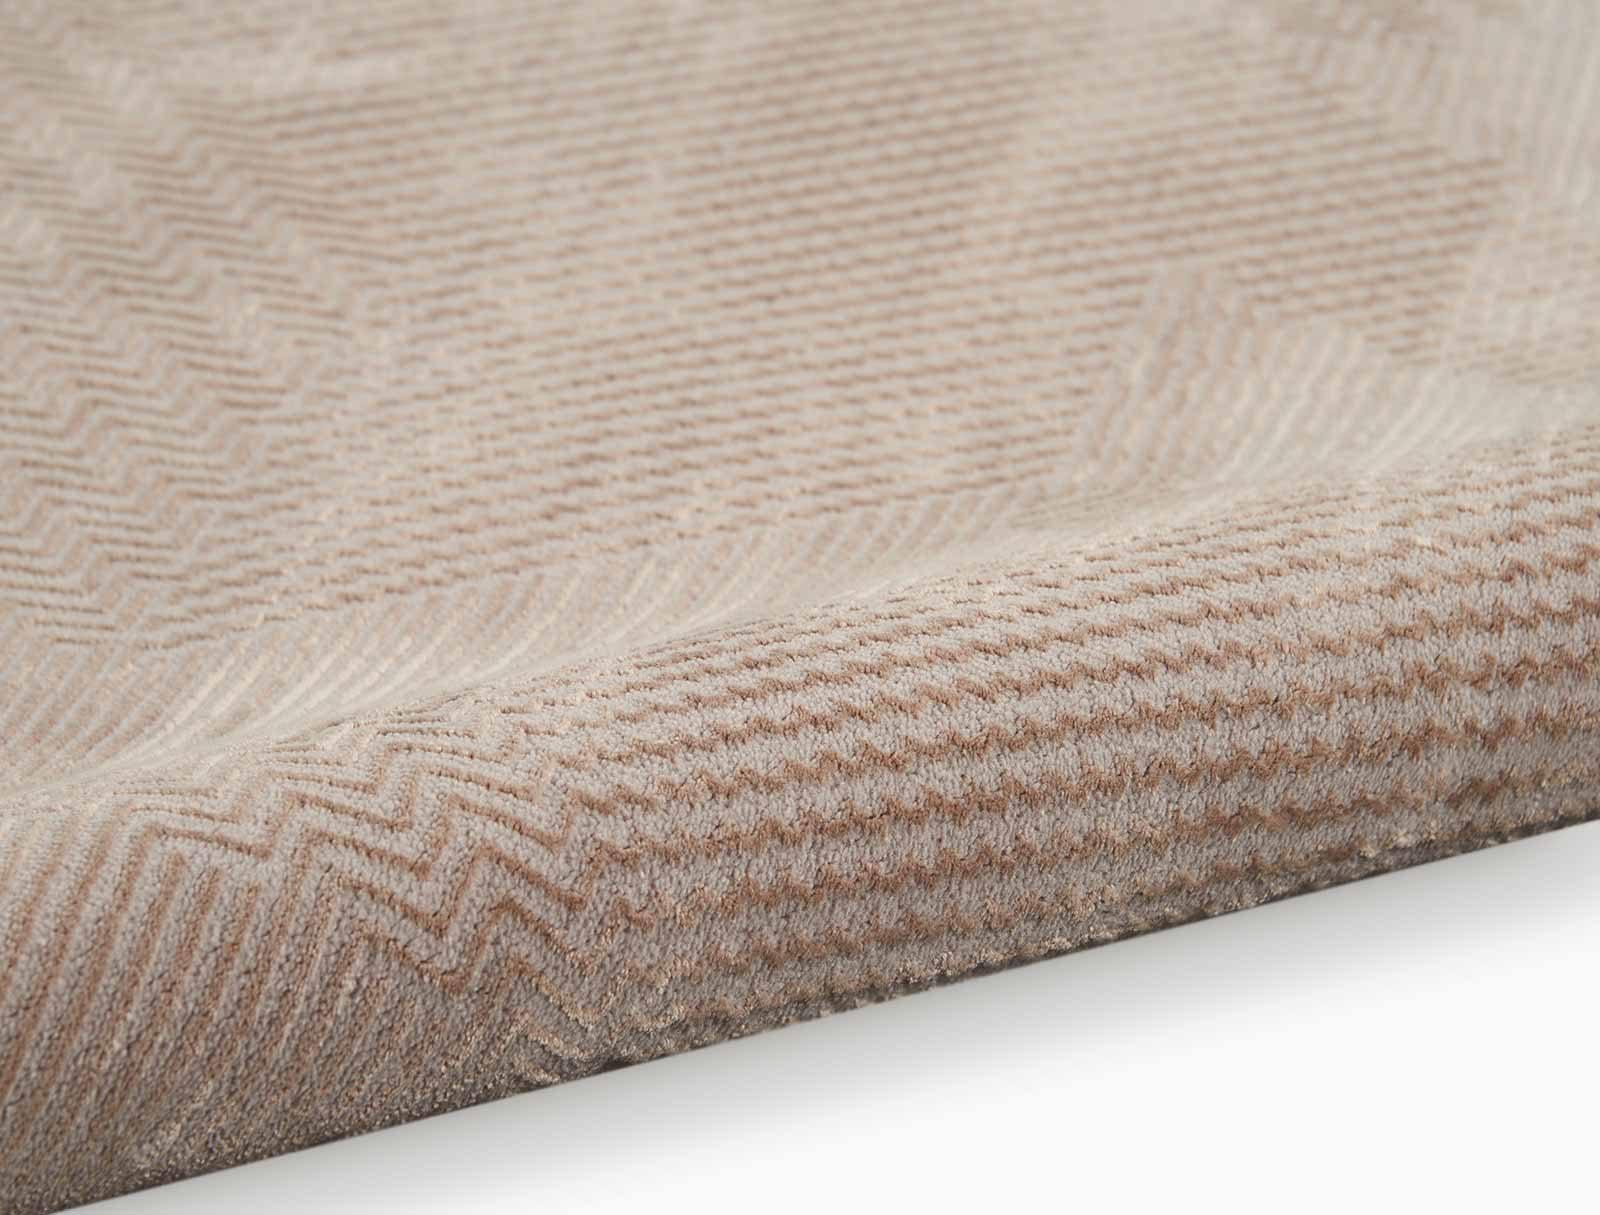 Calvin Klein rug Orlando CK850 CK852 GREY SAFFRON 5X7 099446488091 alt3 C